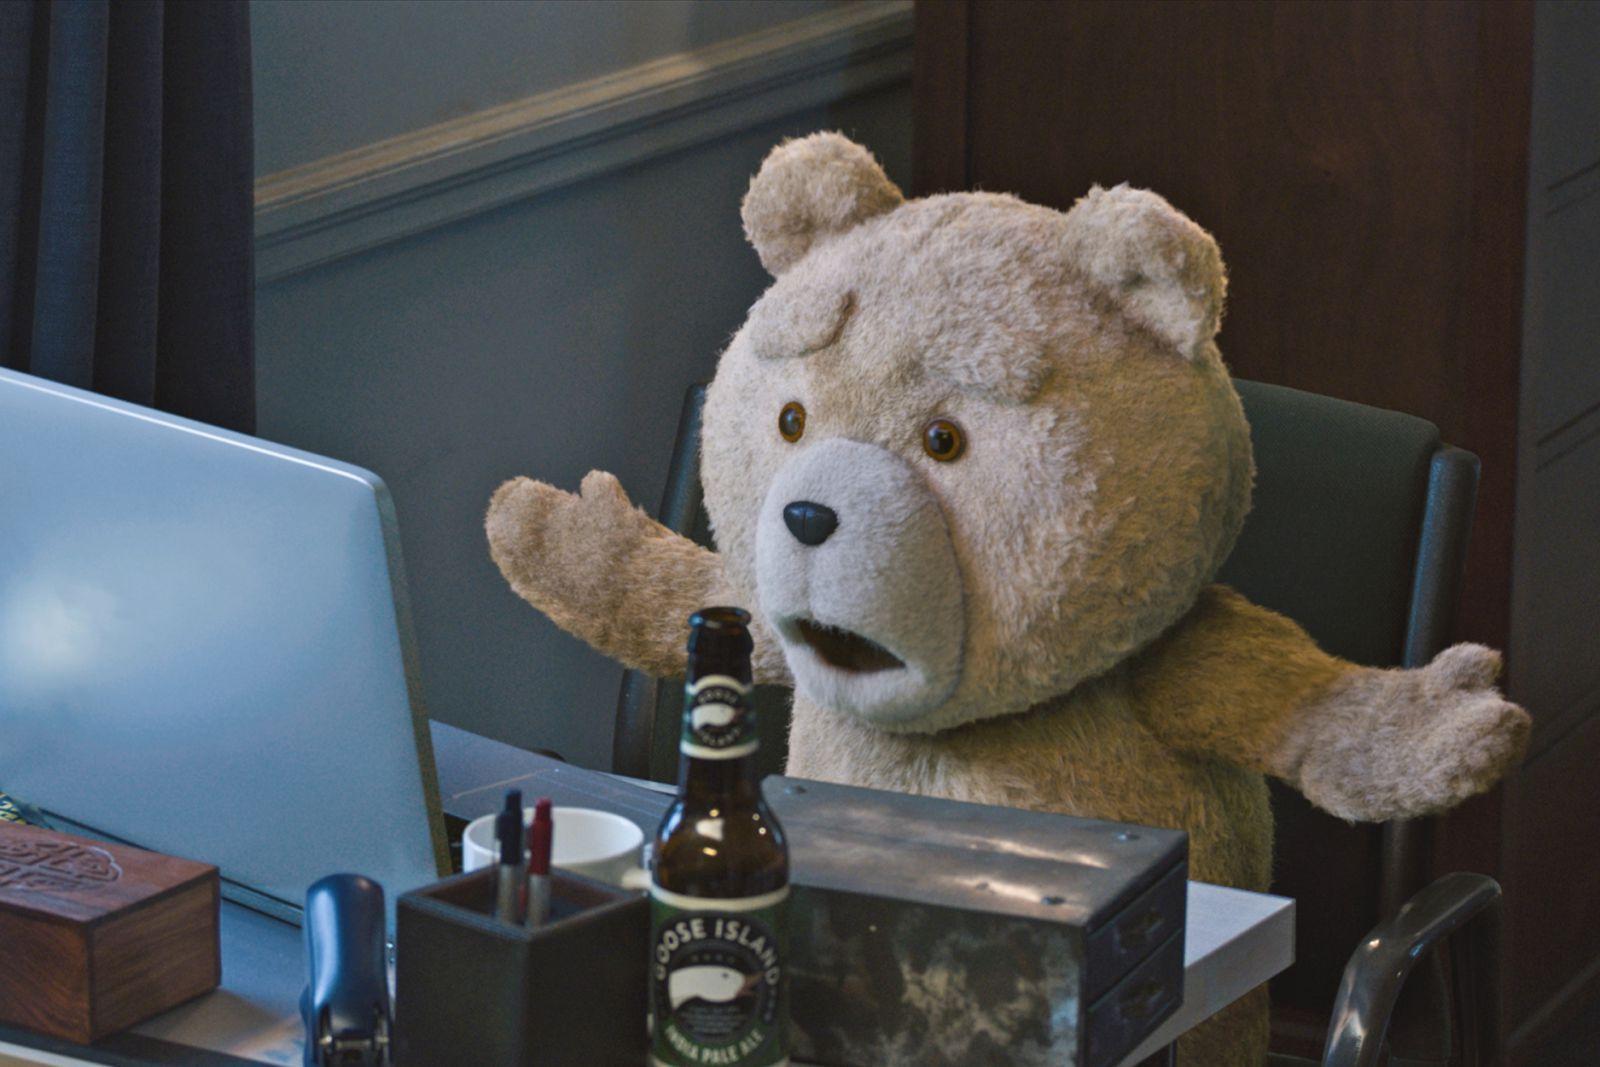 стоит заметить, медвежонок смотрит телевизор картинки возникшие вопросы нужно